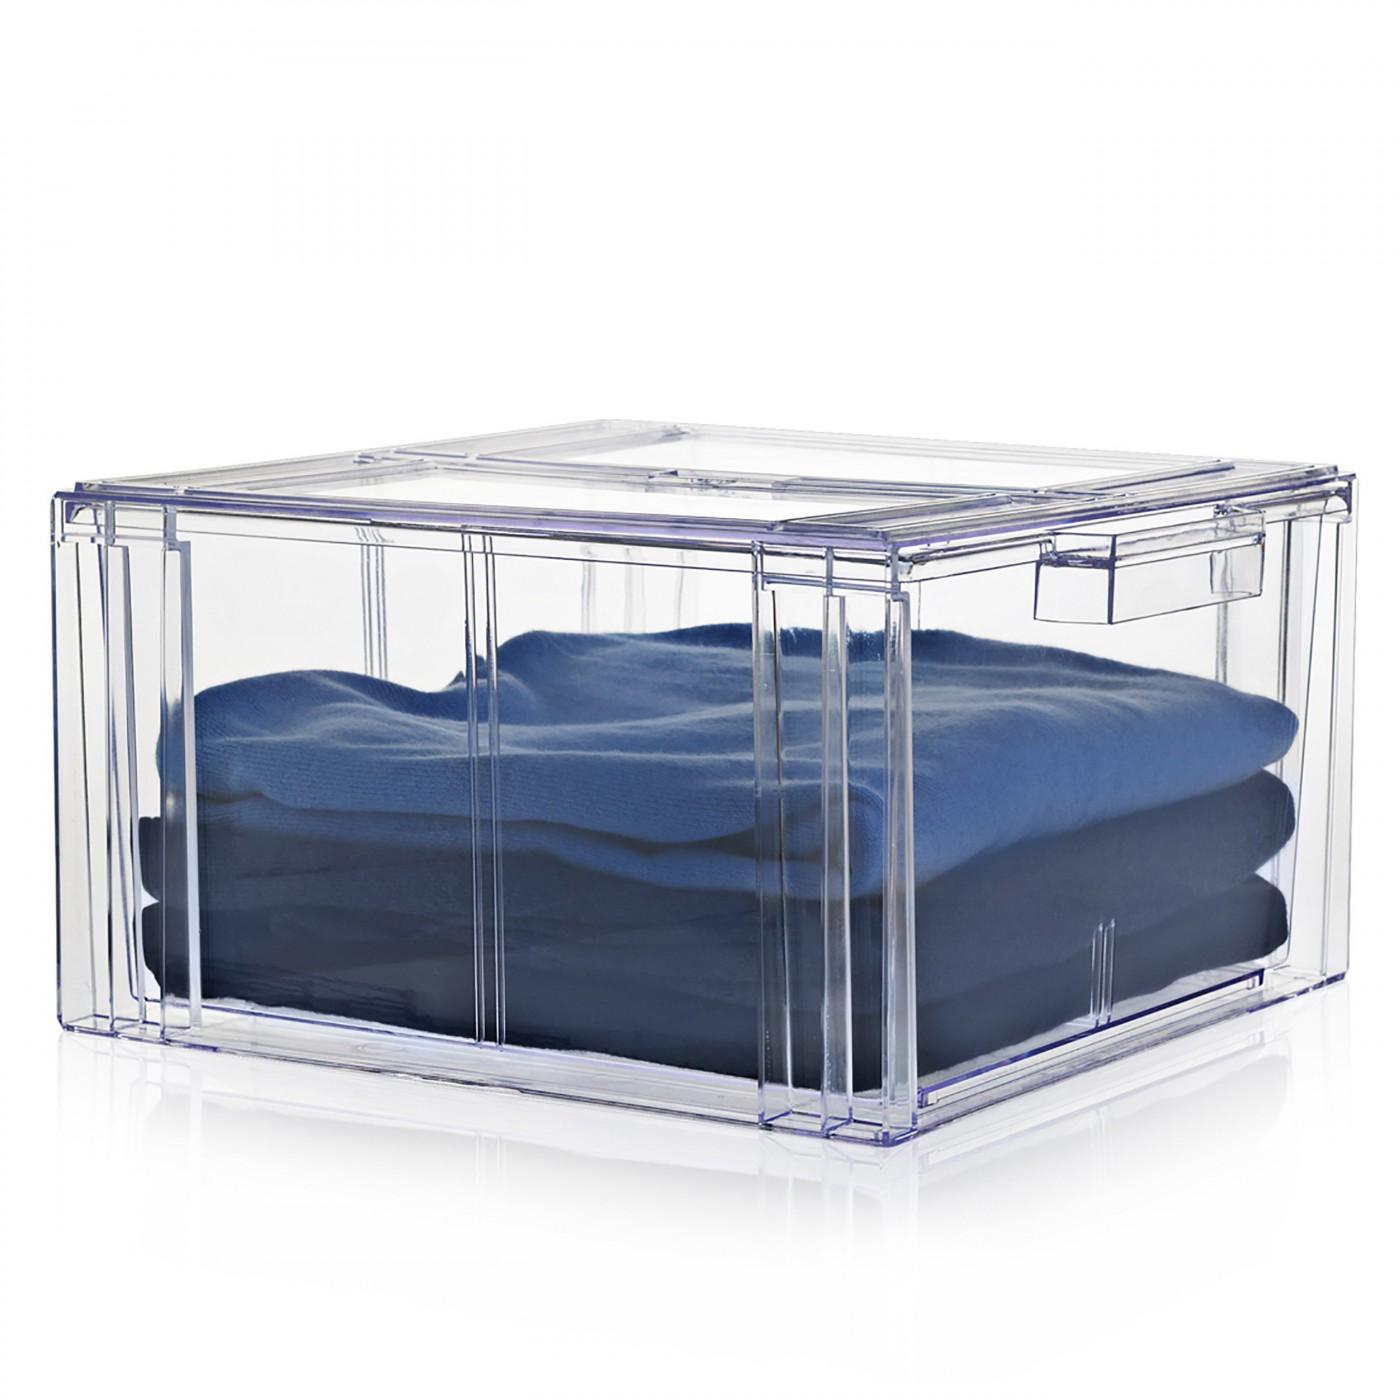 boite de rangement transparente a tiroir clear drawer n 4 nomess copenhagen